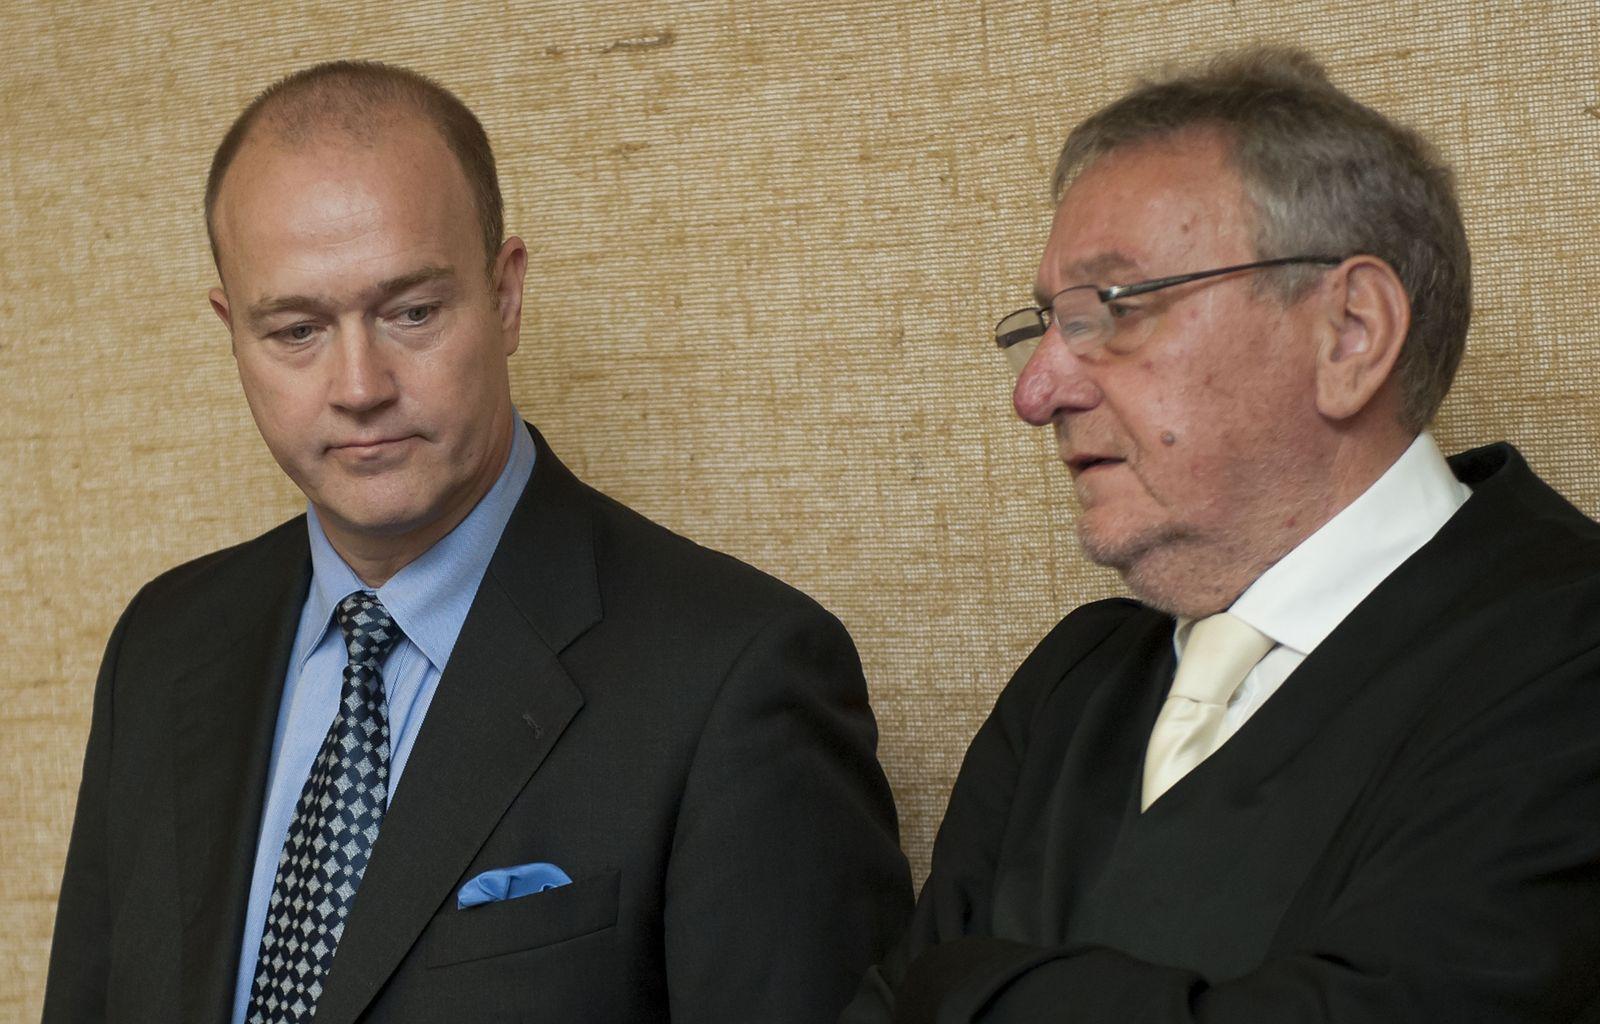 NICHT VERWENDEN Gerhard Gribkowsky / Prozess